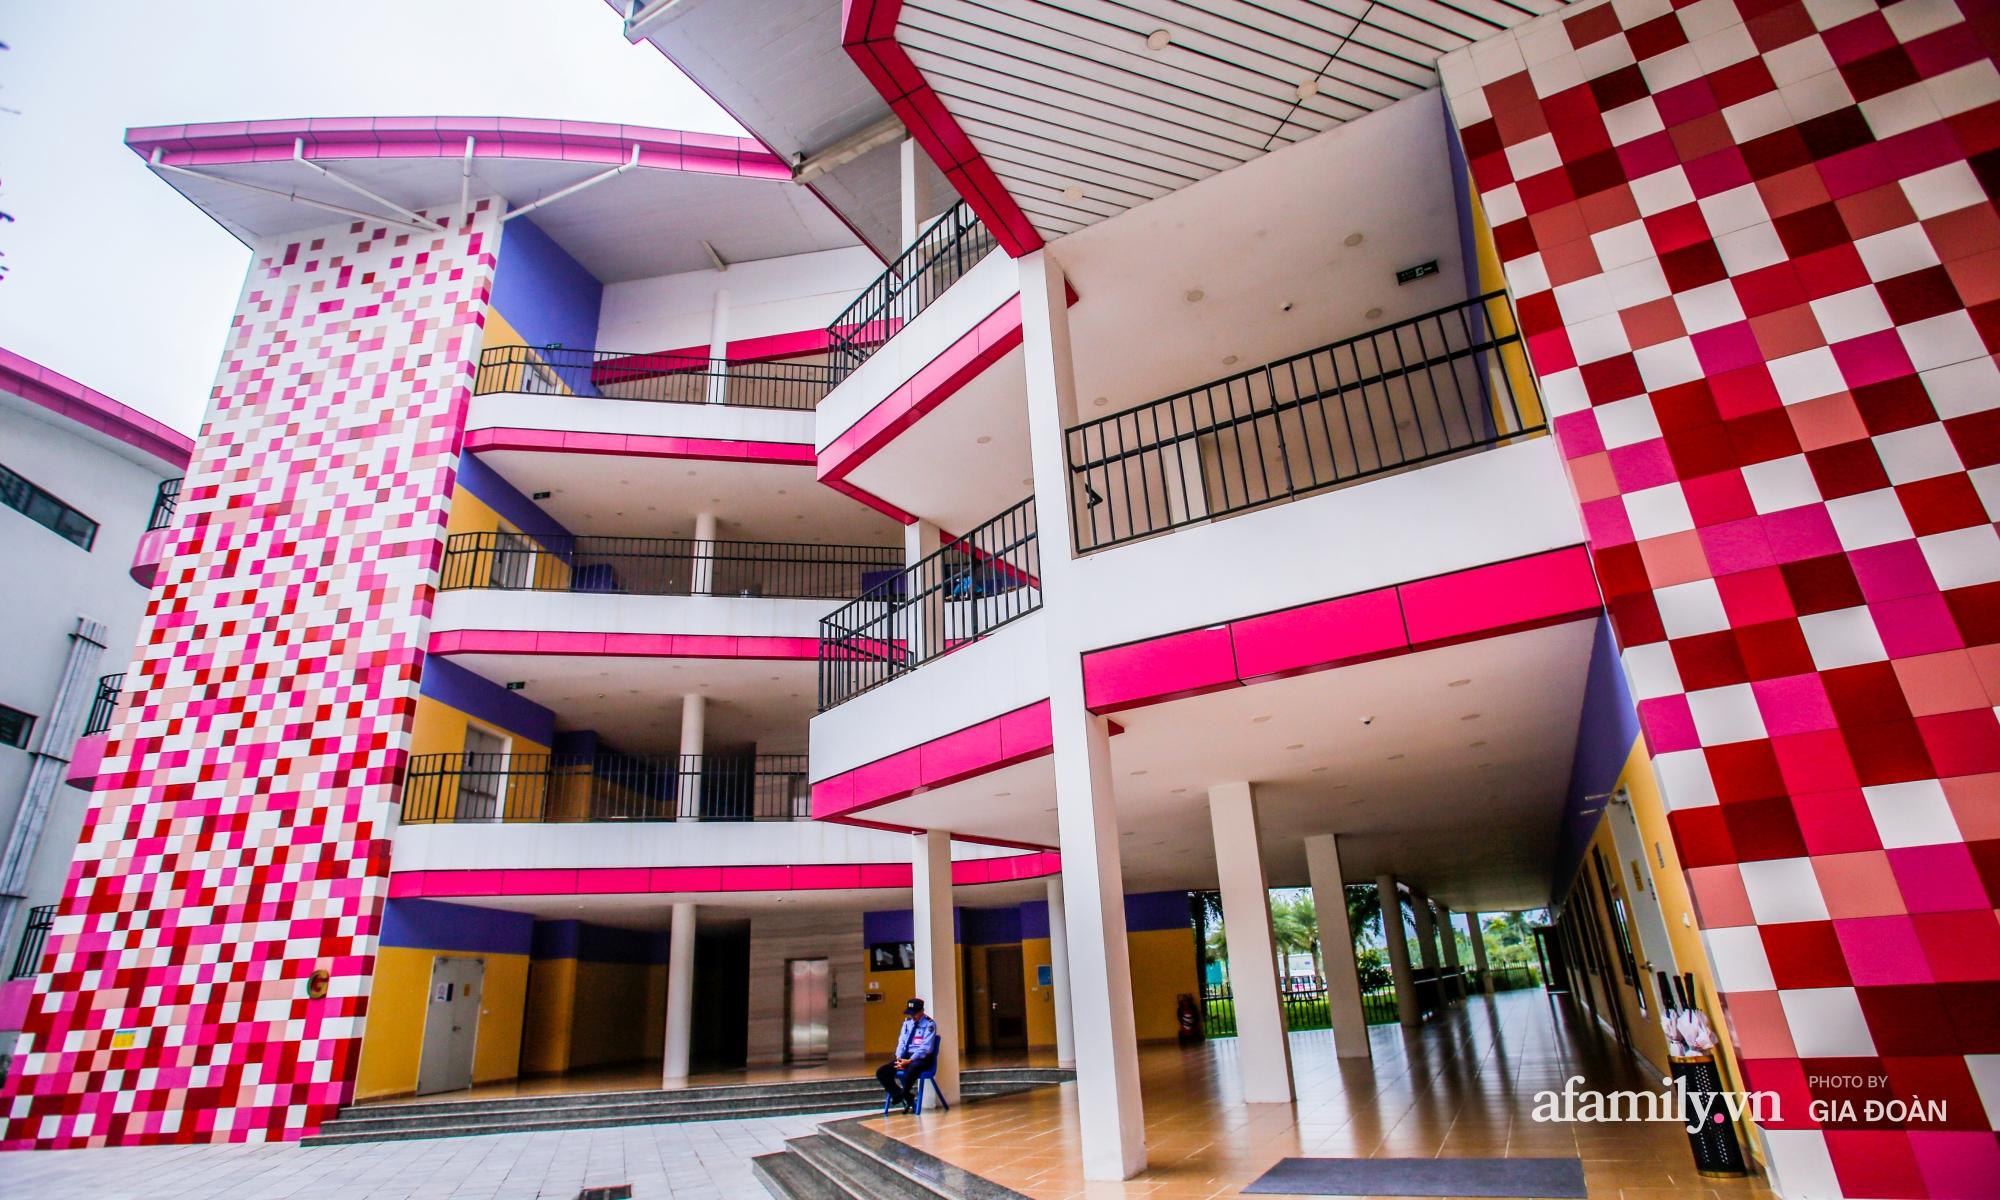 """""""Đột nhập"""" trường nội trú chuẩn quốc tế ở Hà Nội: Học phí nửa tỷ đồng/năm, con đi học một thời gian mà thay đổi 180 độ - Ảnh 6."""